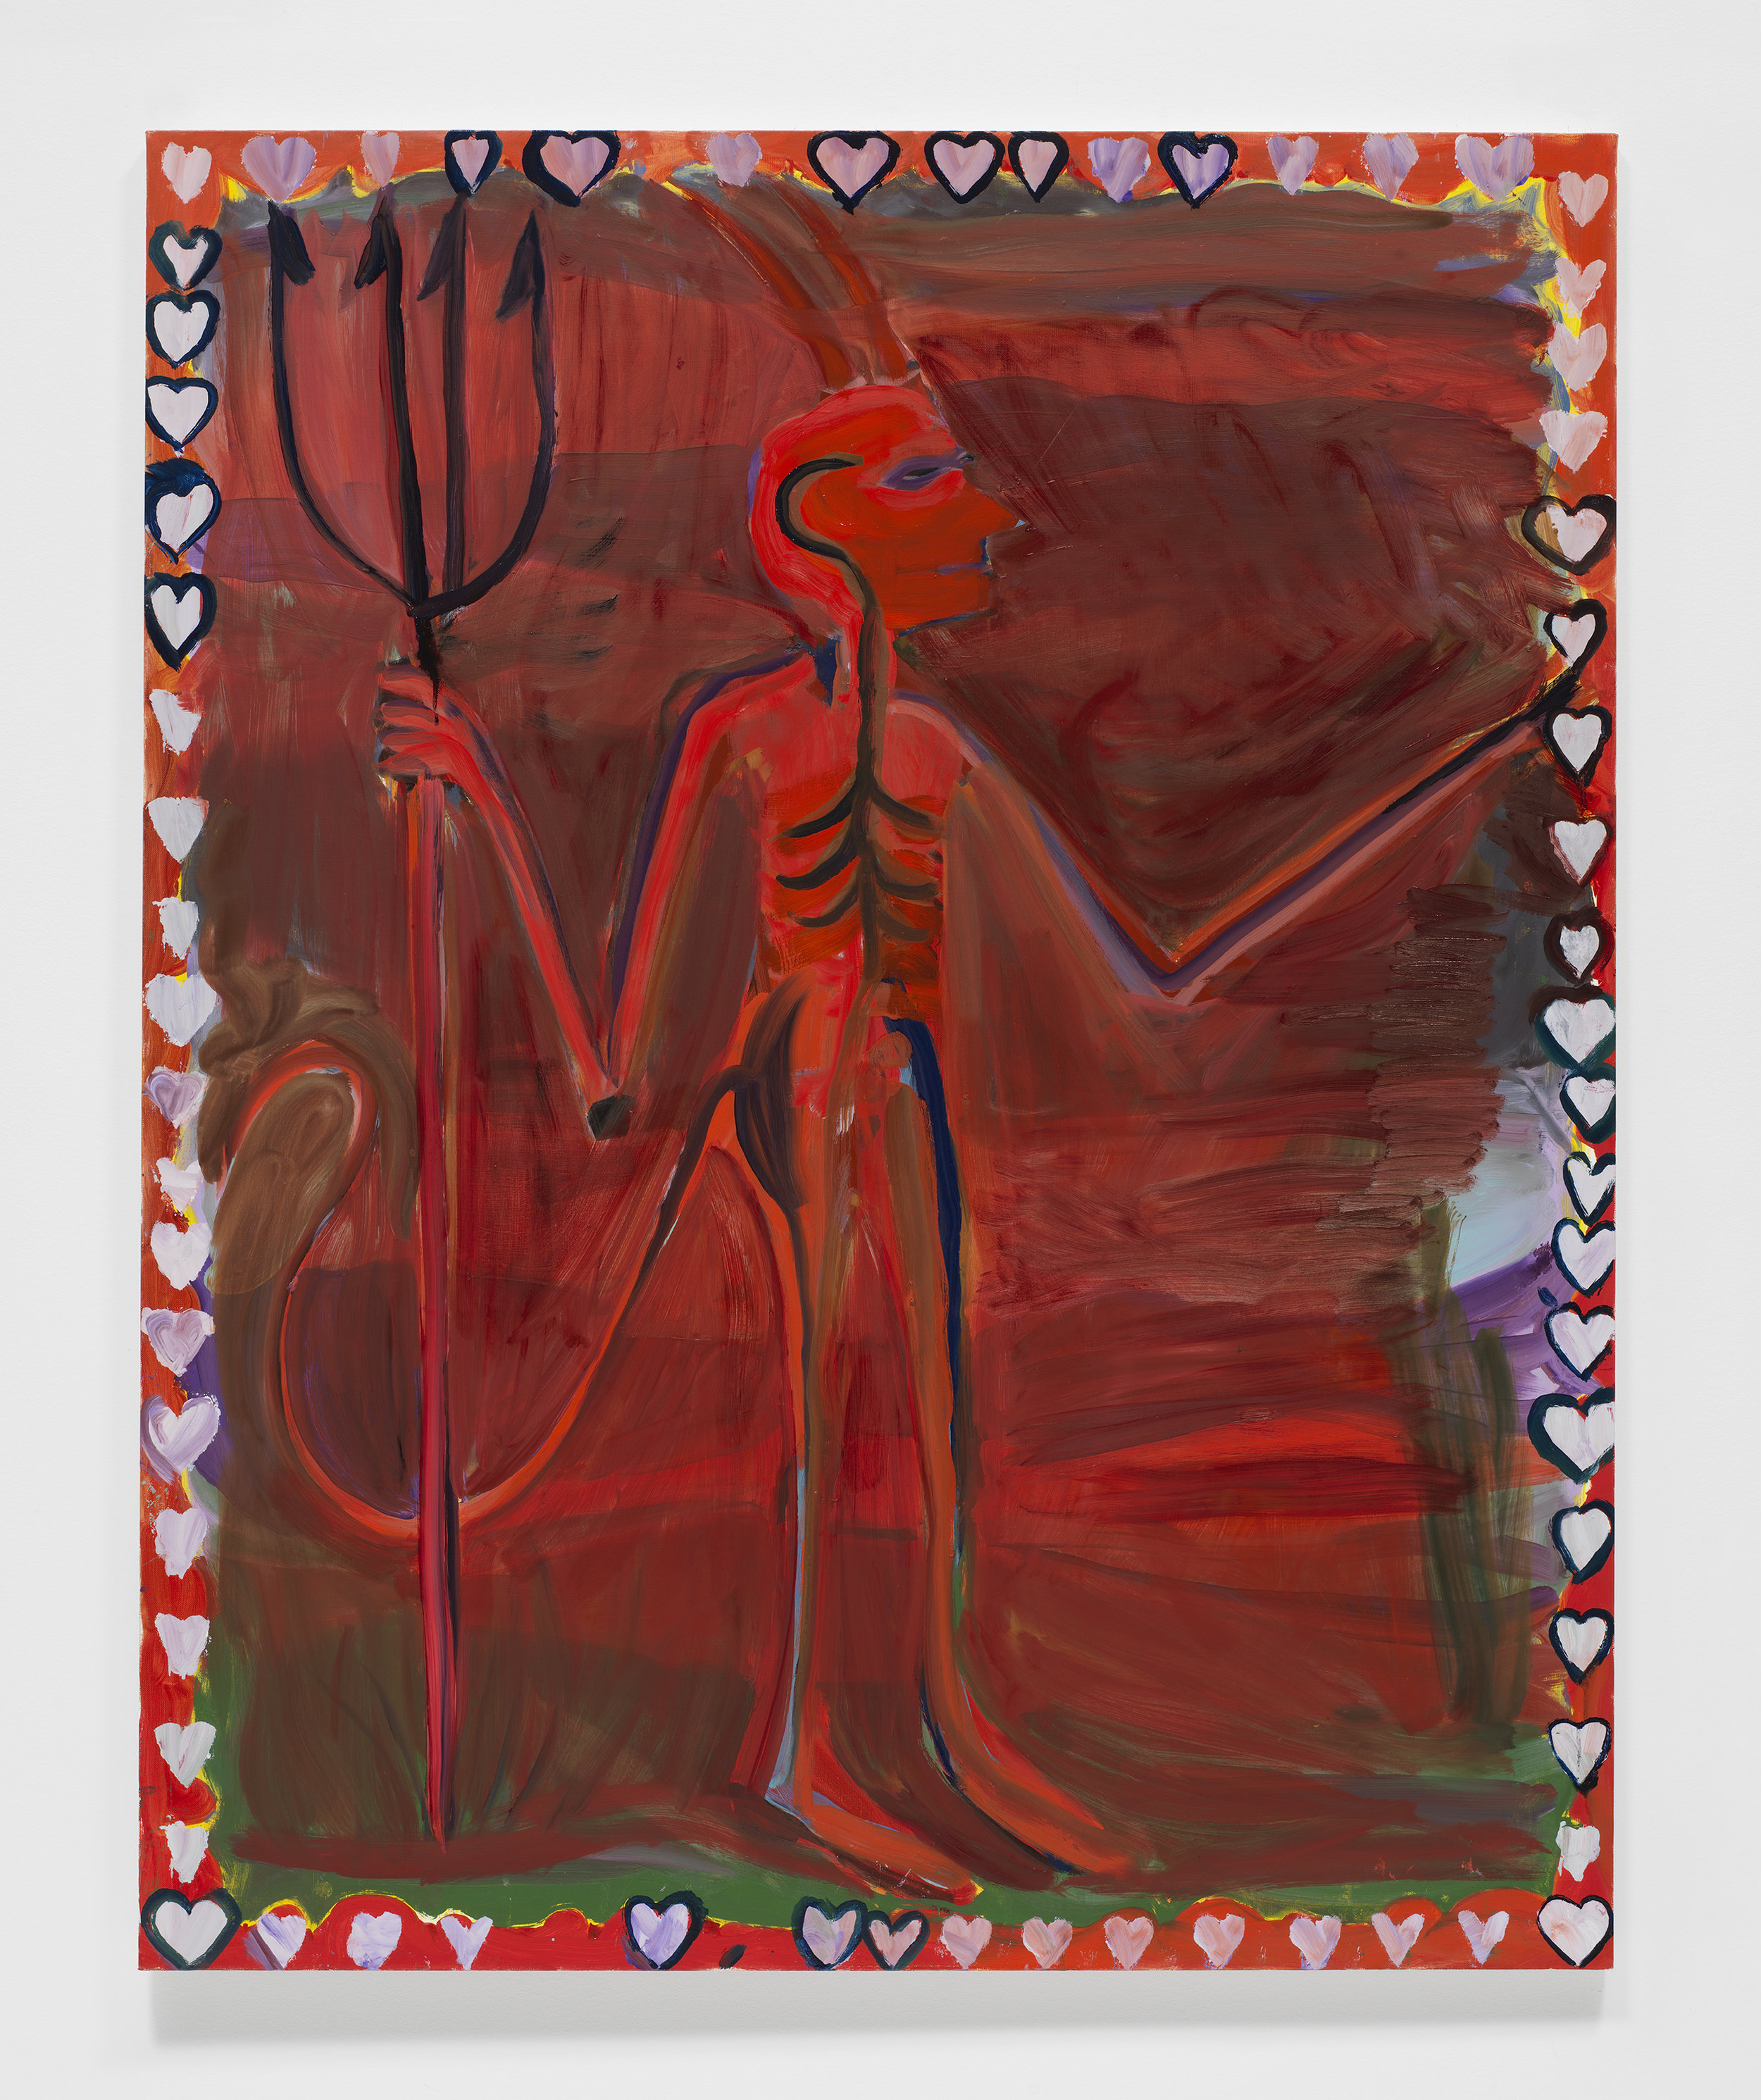 Josh Smith,   Devil , 2019, Oil on linen, 60 x 48 inches, 152.4 x 121.9 cm